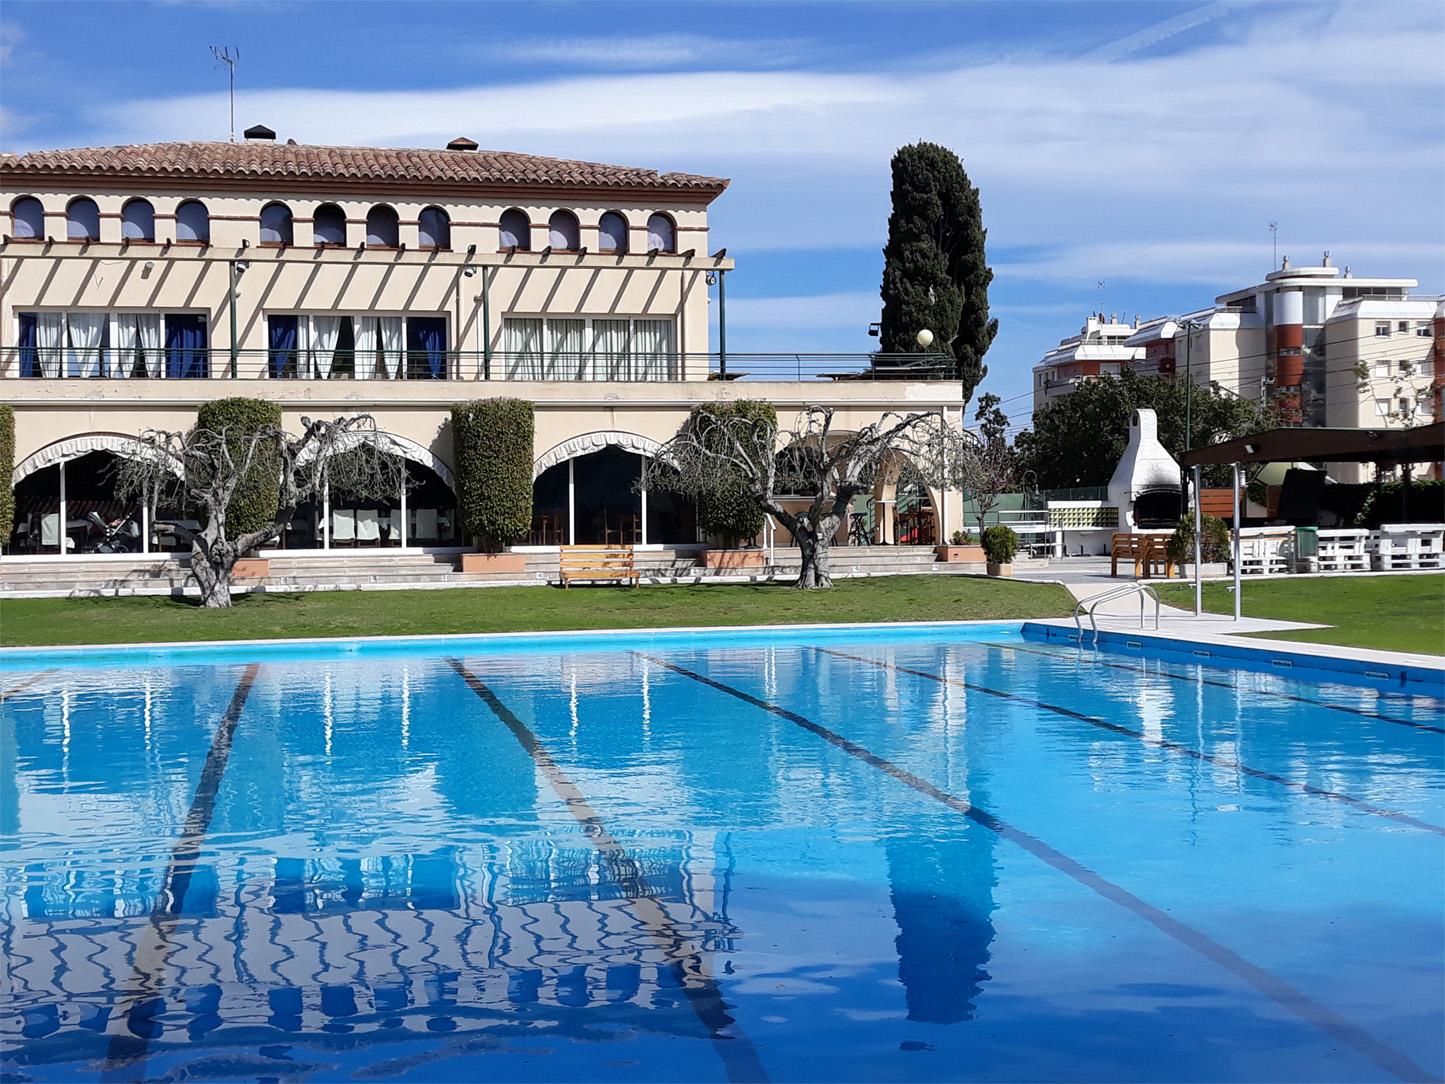 Les Piscines Club Nàutic, Roda de Berà, Tarragona, Costa Daurada